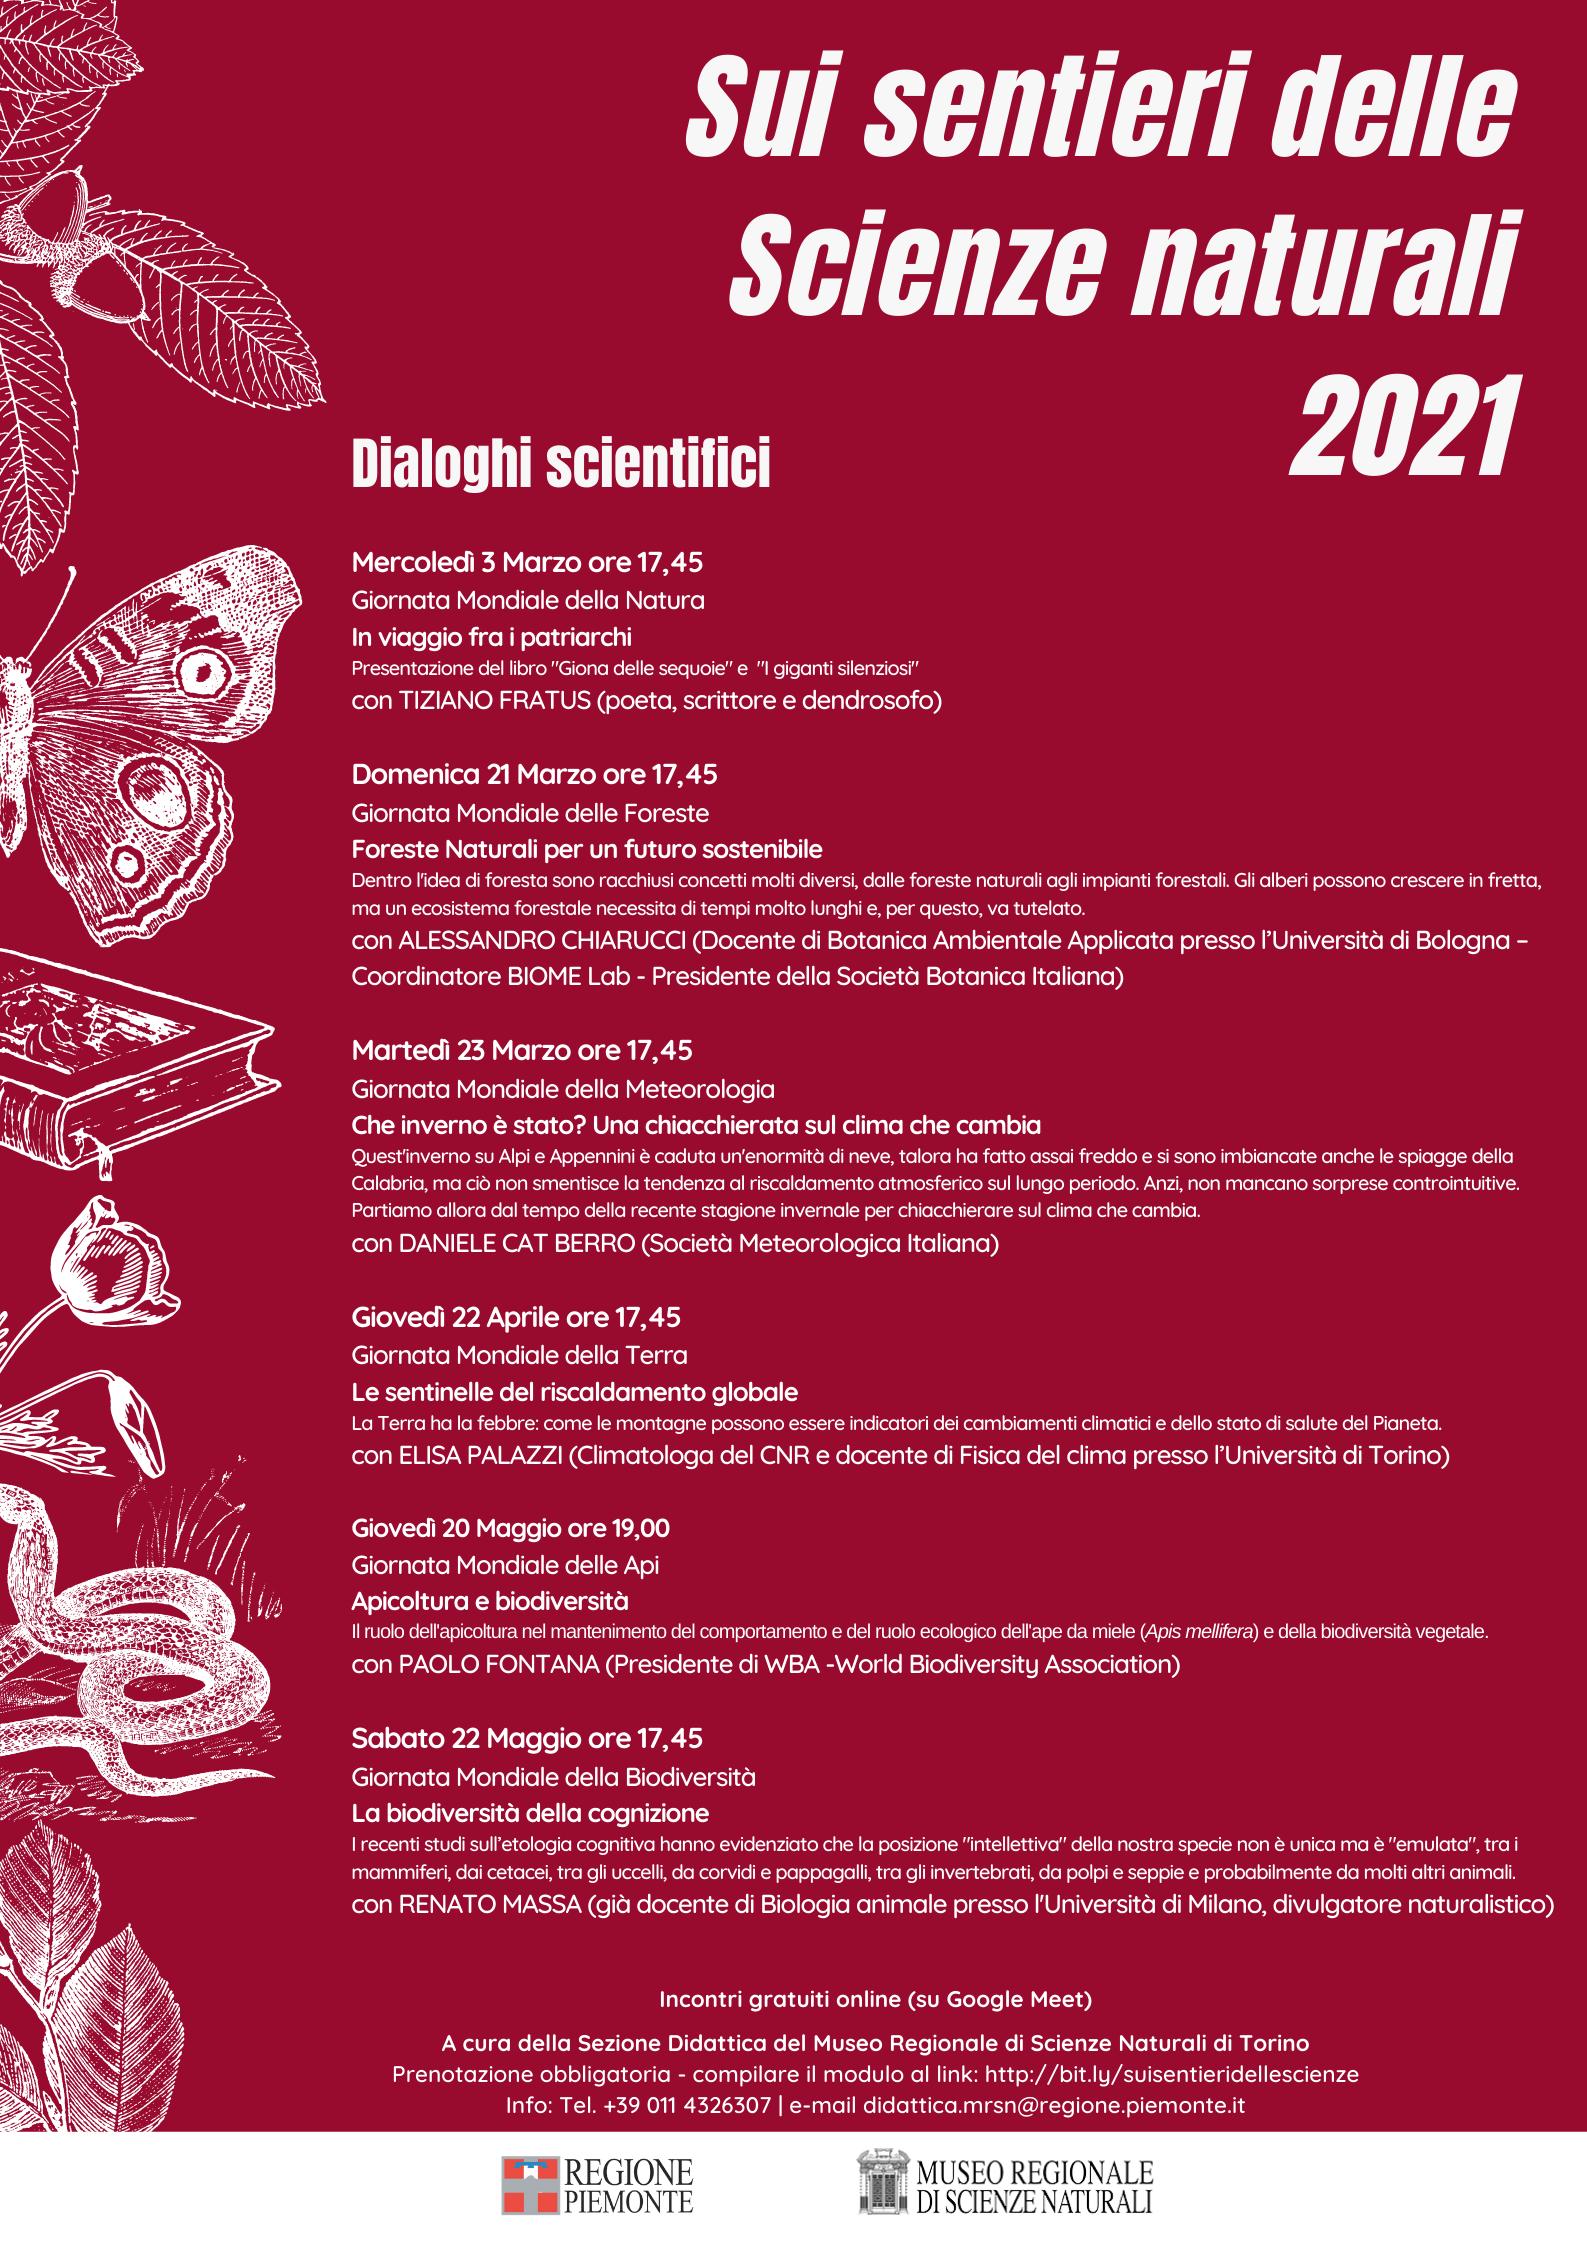 Sui sentieri delle scienze naturali 2021 Museo Regionale di scienze Naturali di Torino